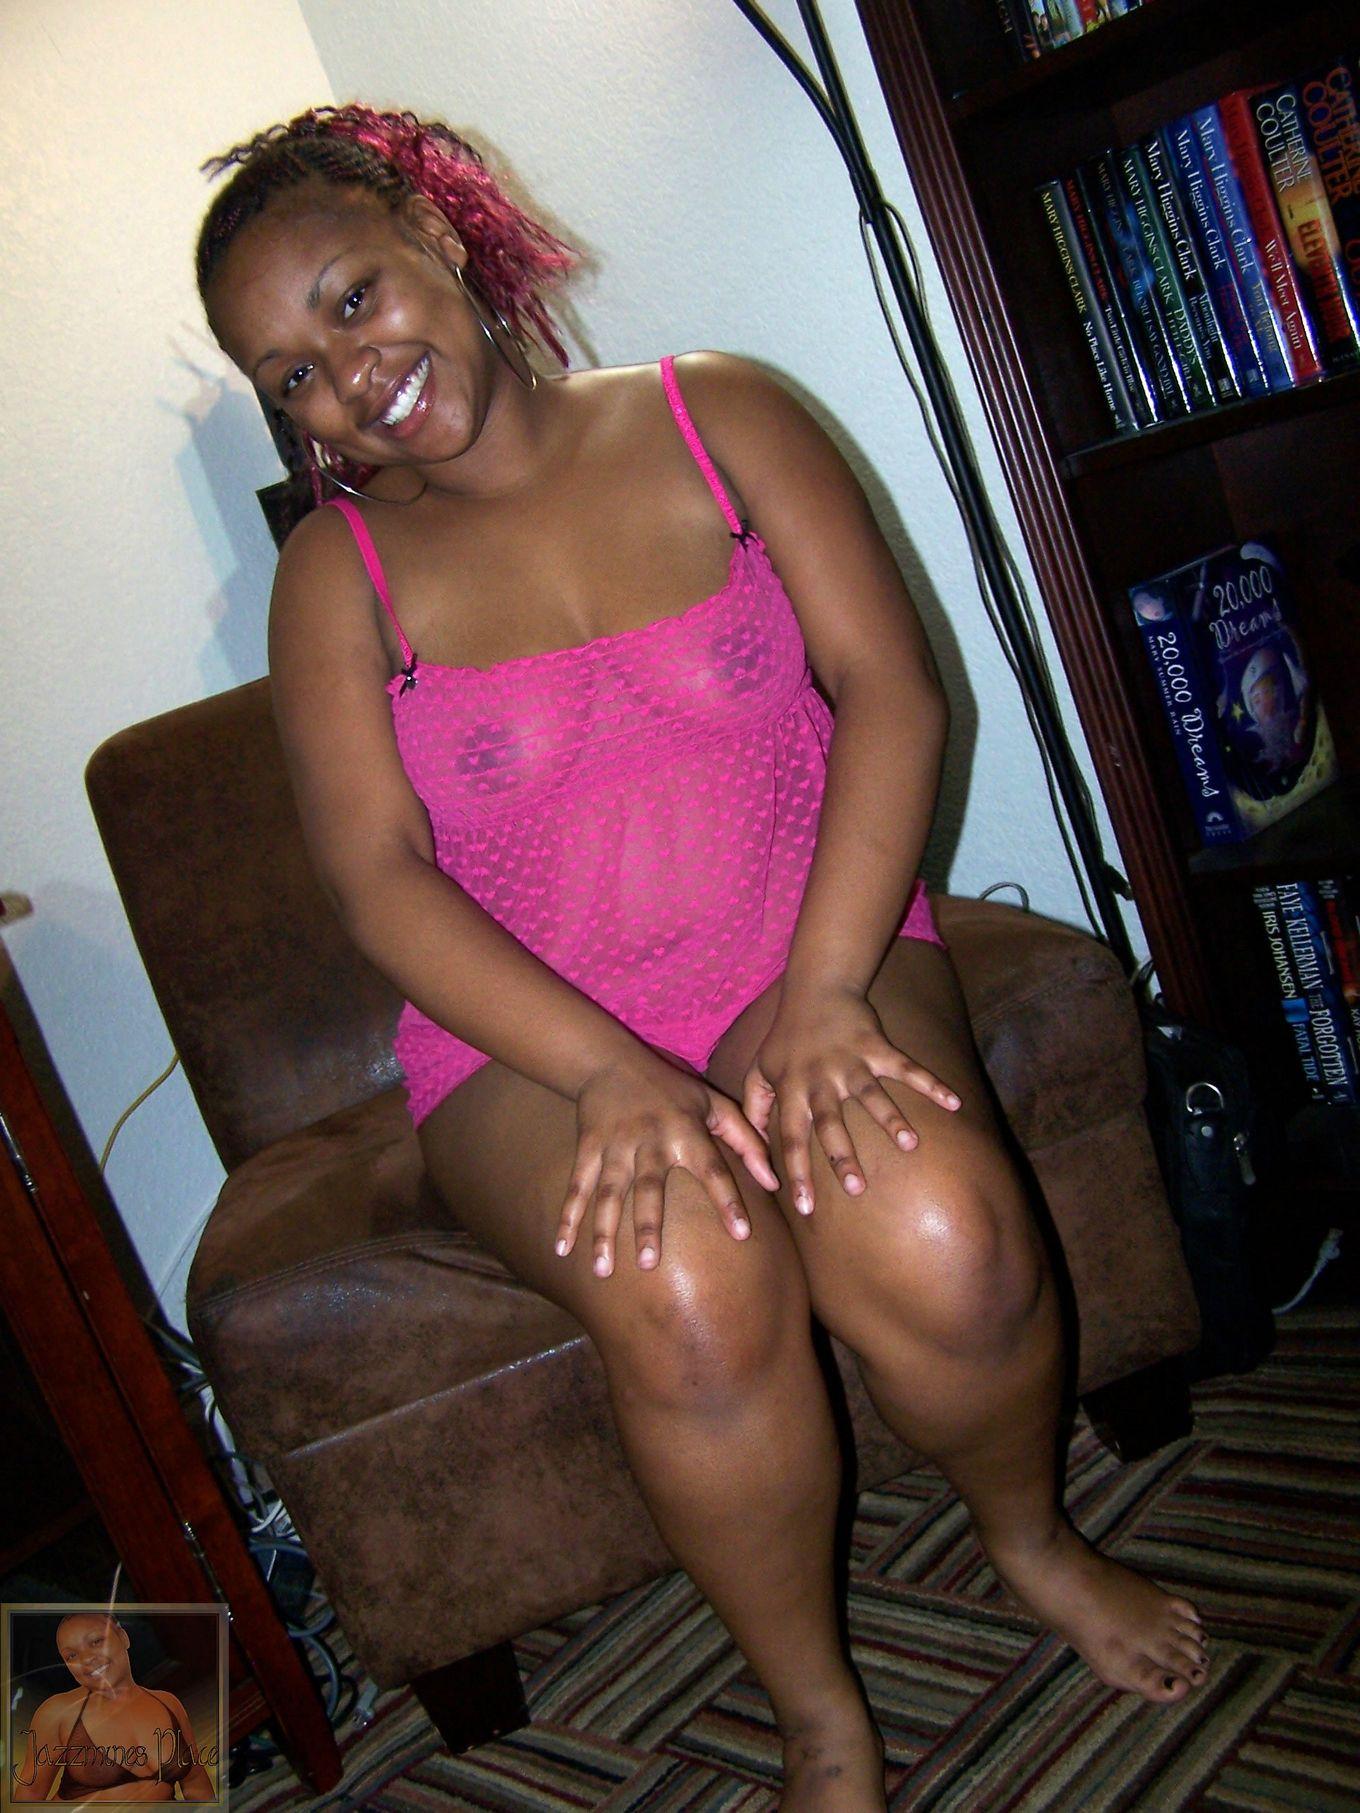 Жирная негритянка в розовой ночной рубашке